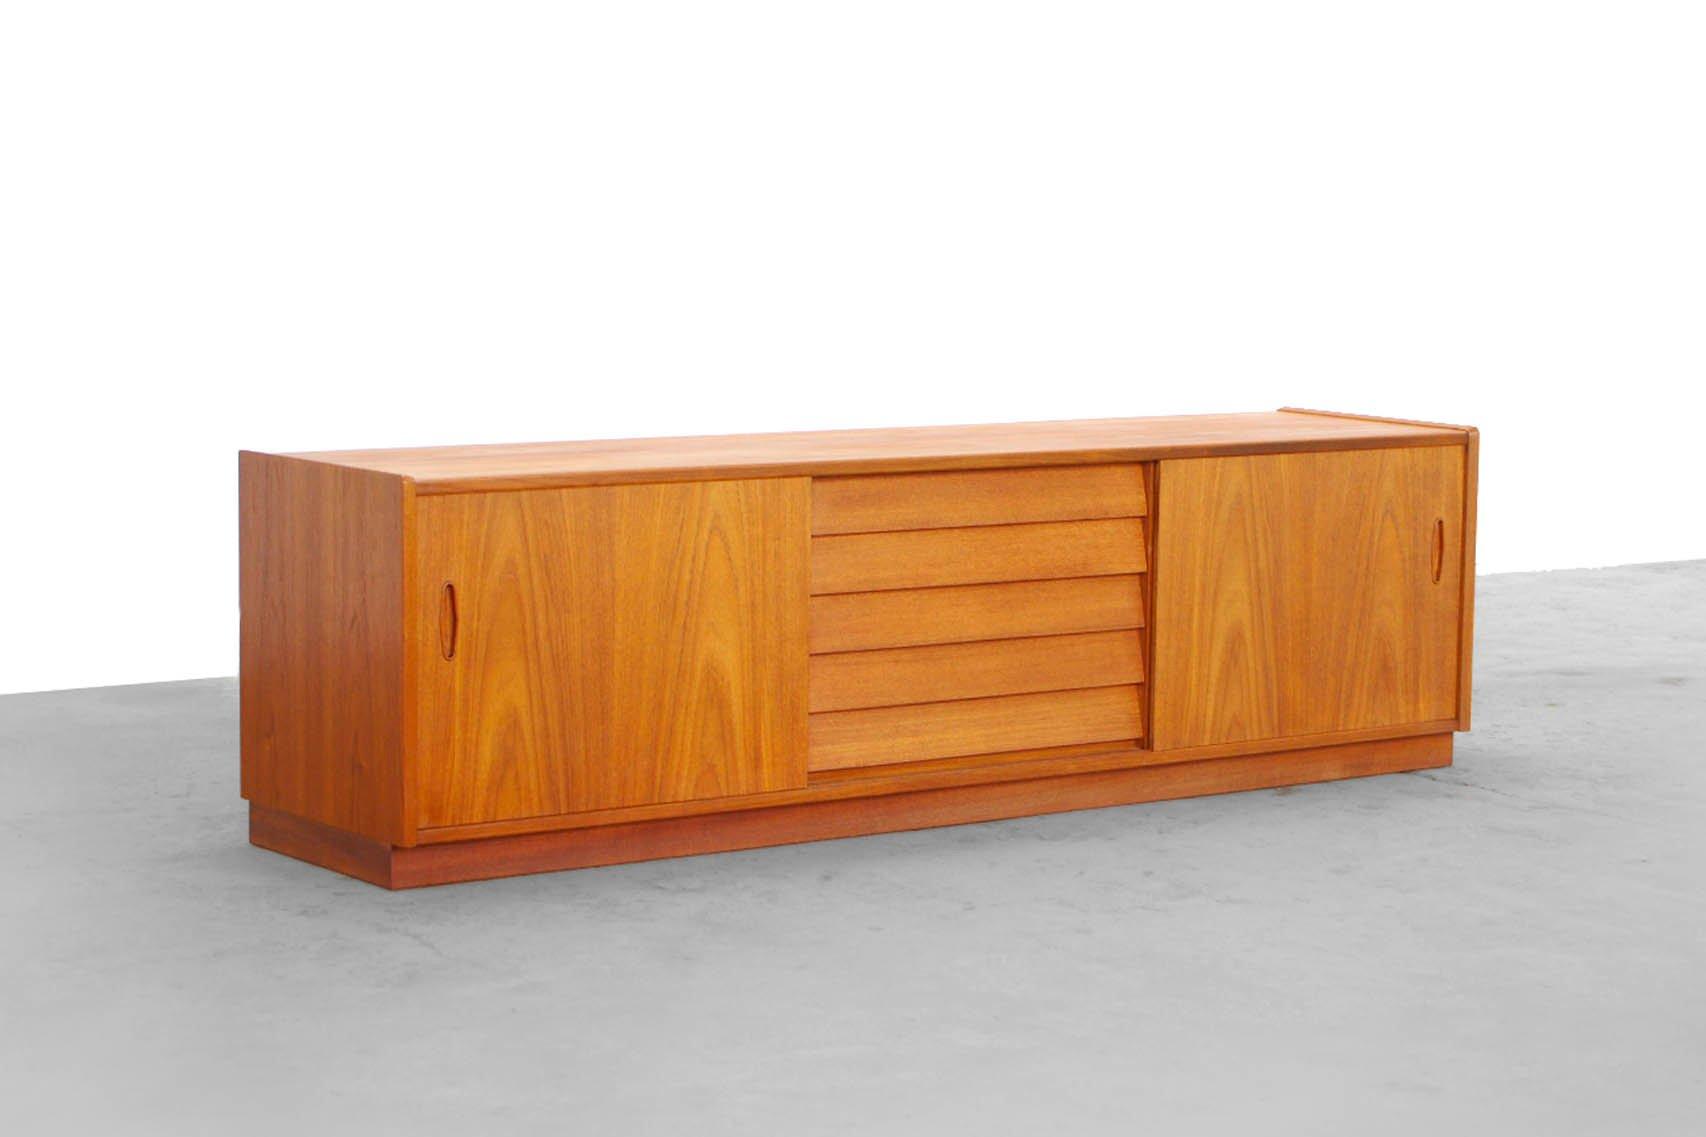 teak lowboard by hugo troeds n johnsson for bjaernum. Black Bedroom Furniture Sets. Home Design Ideas